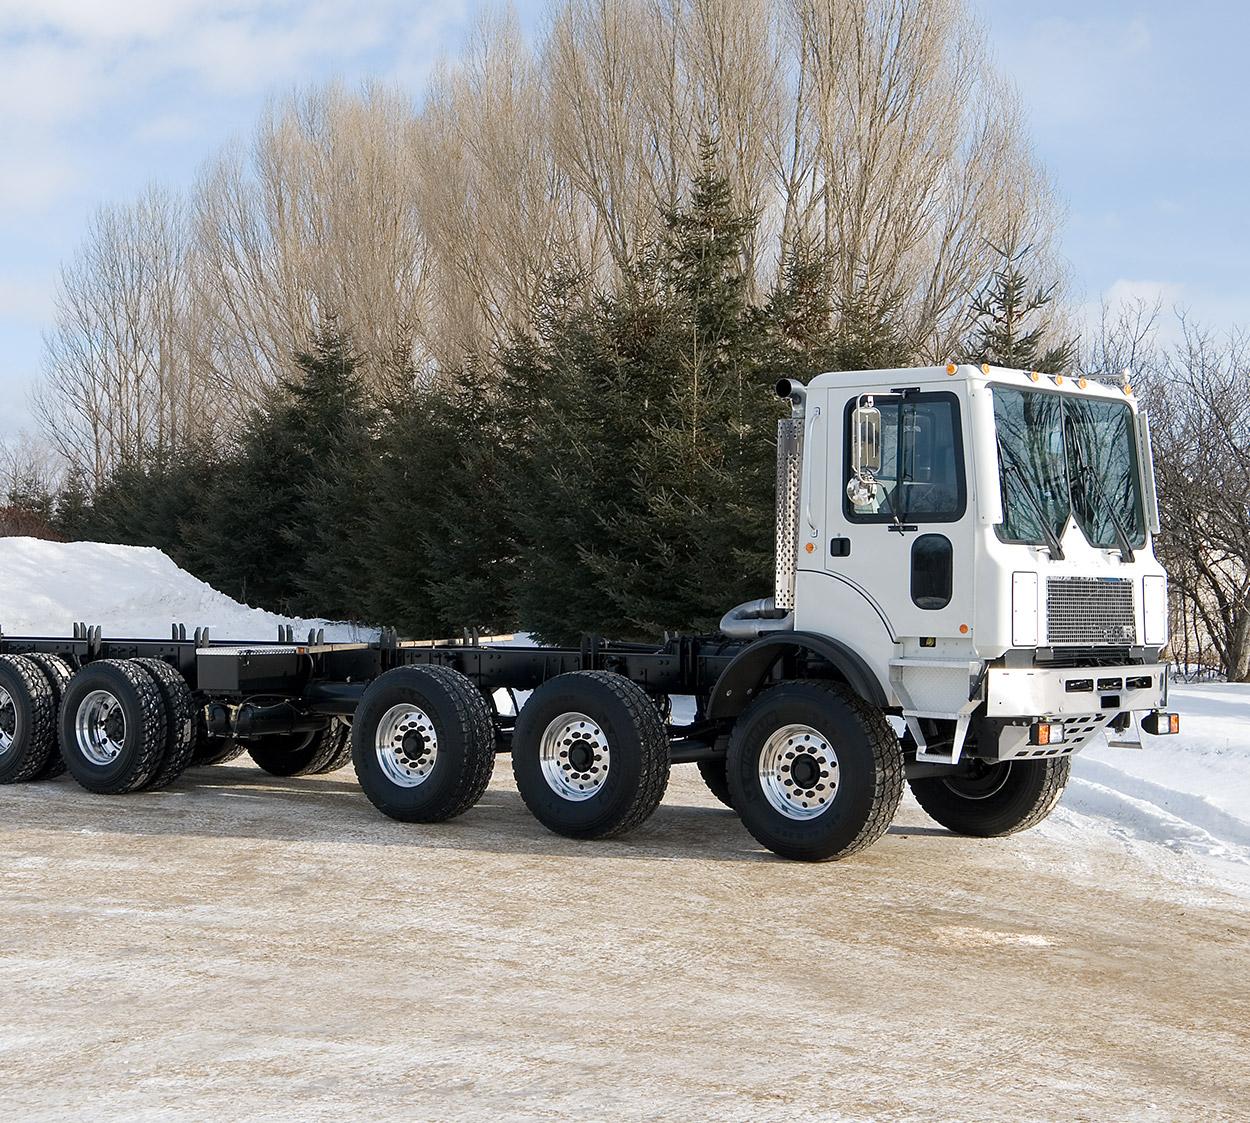 Concrete pump carrier | 7-axle custom TOR truck | RPM Tech